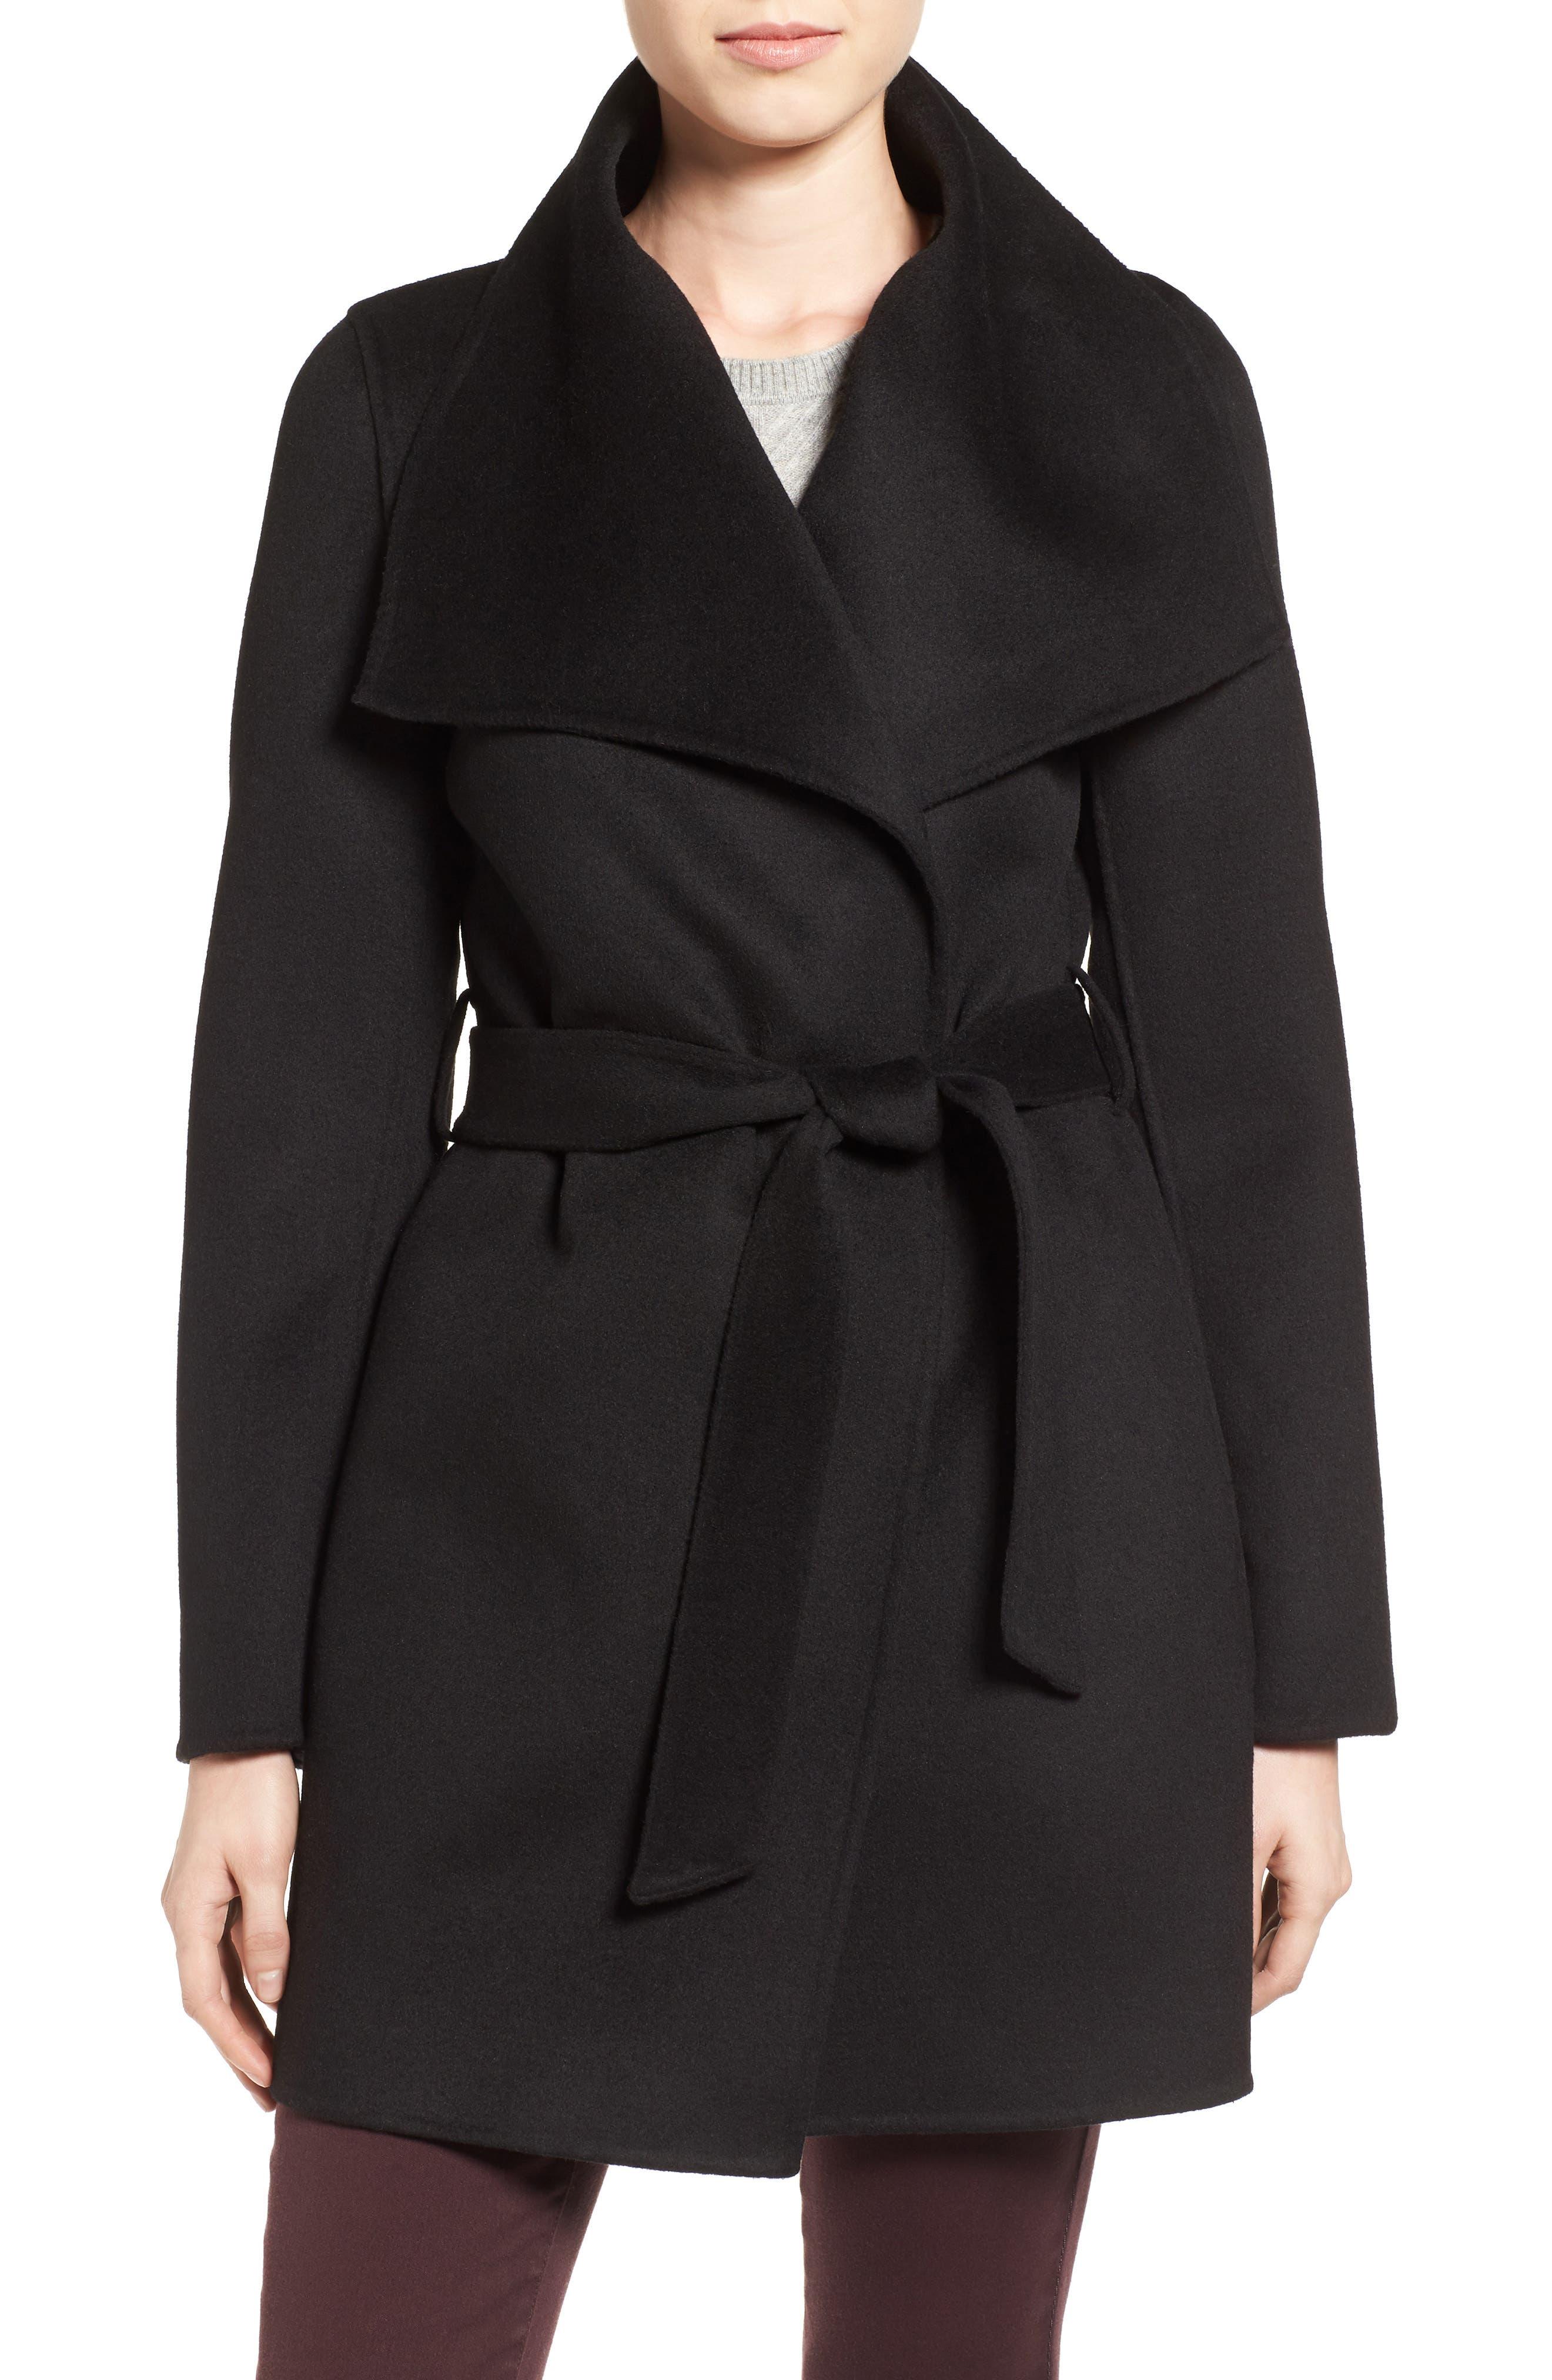 Main Image - Tahari 'Ella' Belted Double Face Wool Blend Wrap Coat (Regular & Petite)